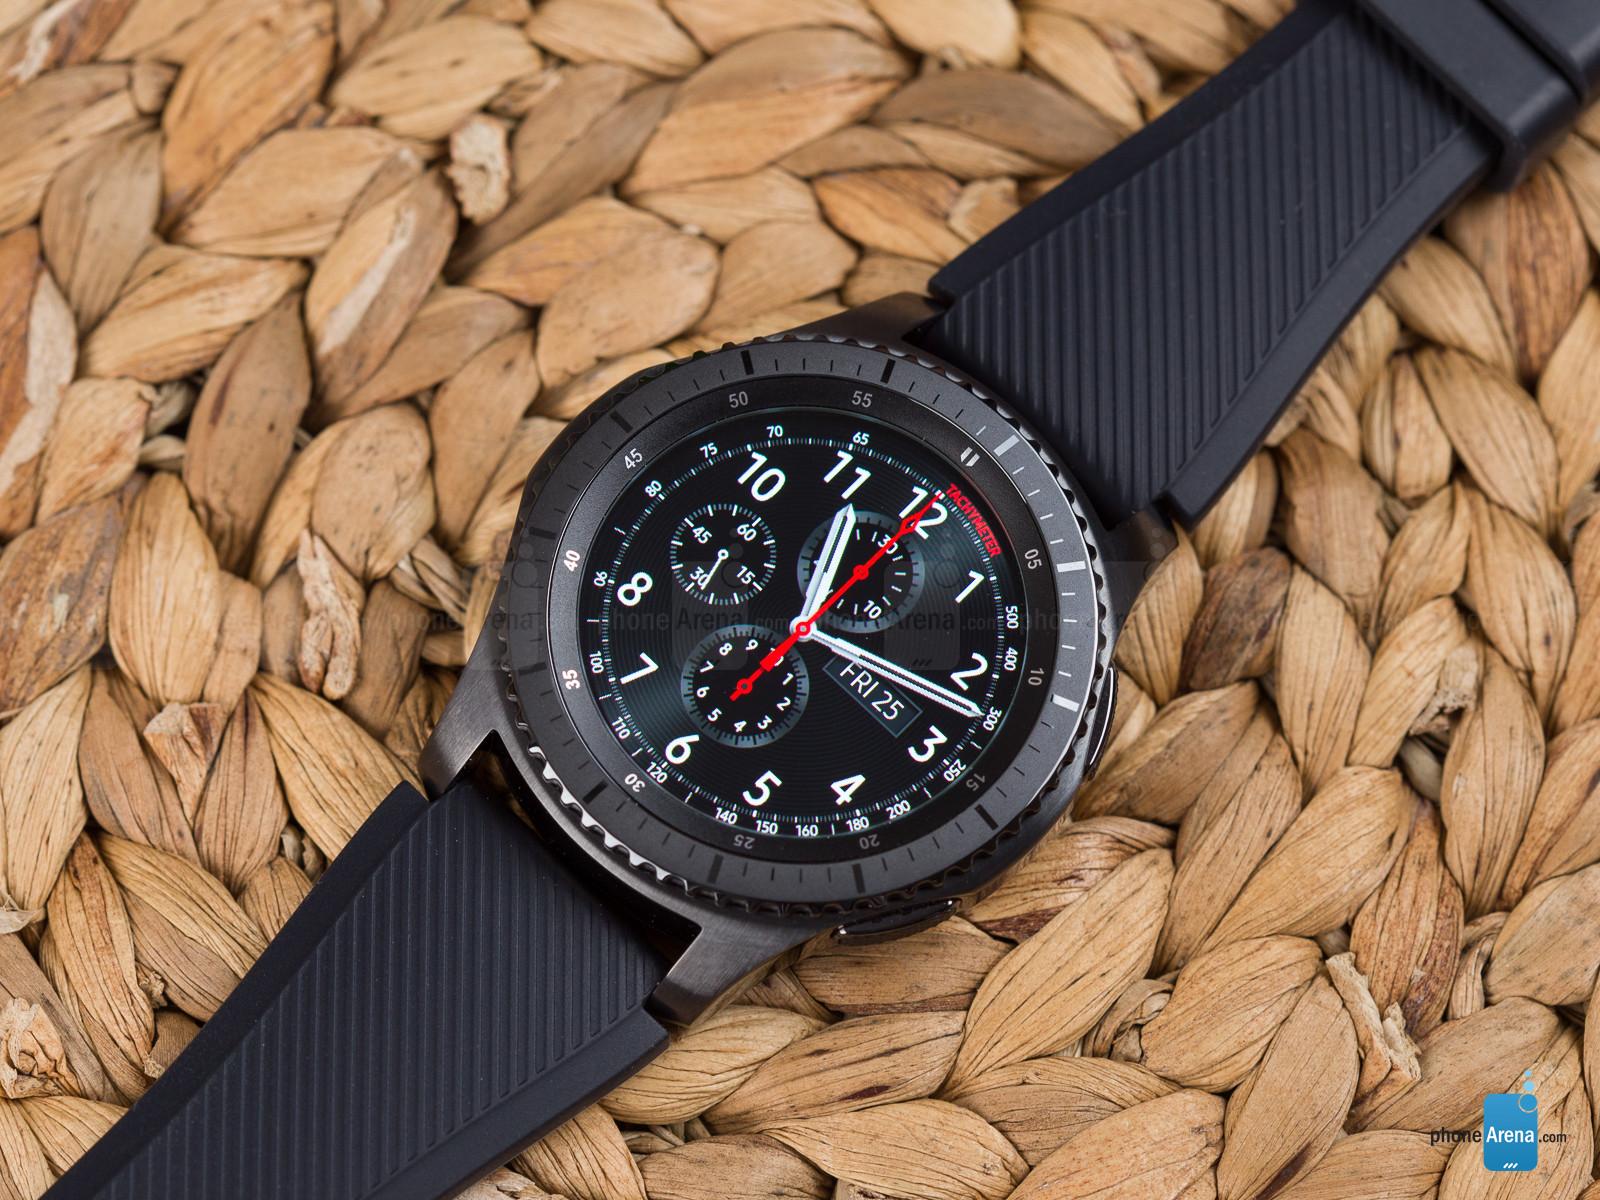 ساعت هوشمند سامسونگ Gear S3 بروزرسانی Tizen 3.0 را دریافت خواهد کرد